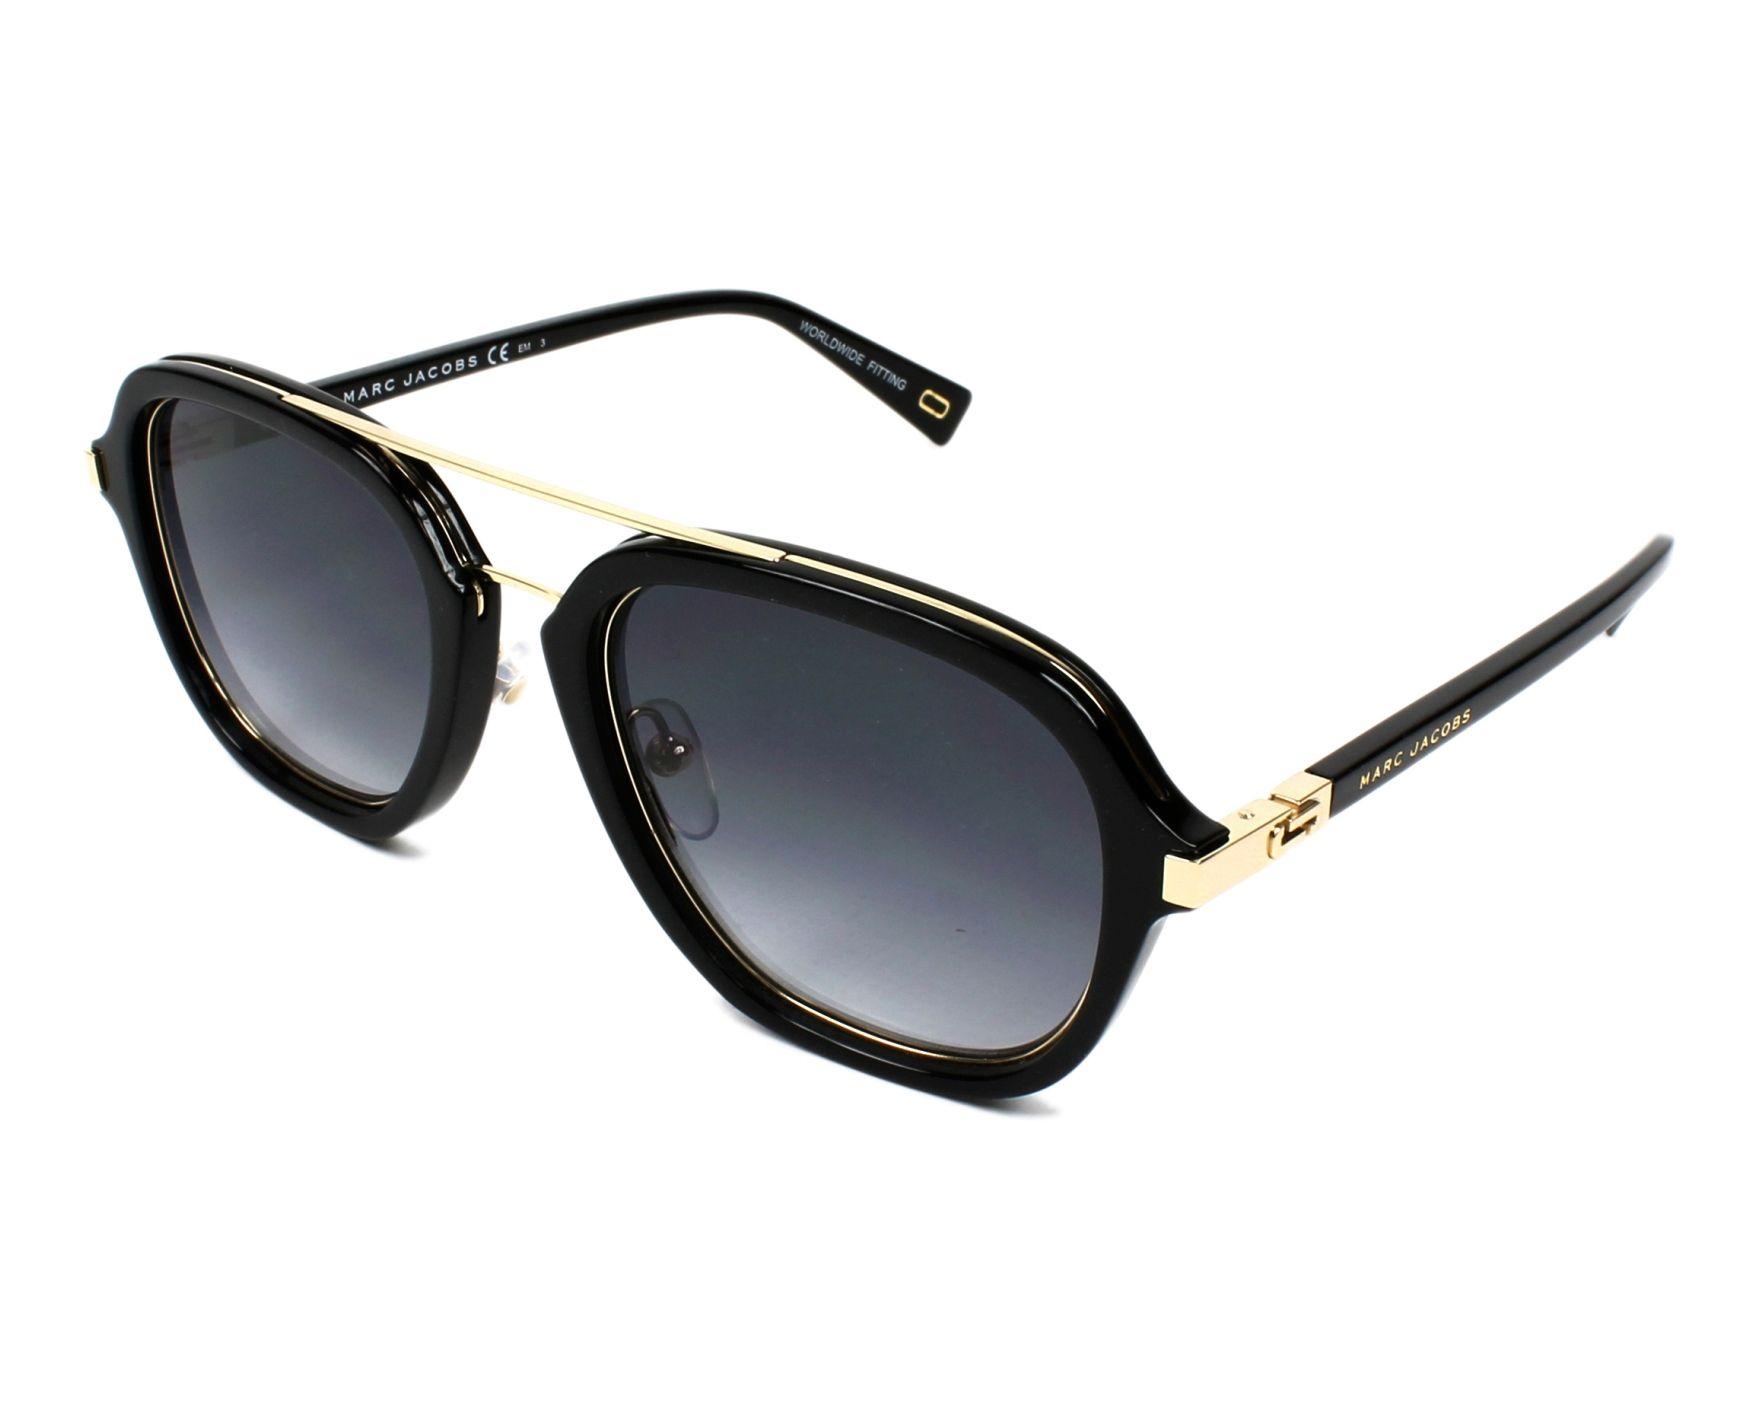 lunettes de soleil marc jacobs marc 172 s 2m2 9o noir avec des verres gris pour mixte. Black Bedroom Furniture Sets. Home Design Ideas